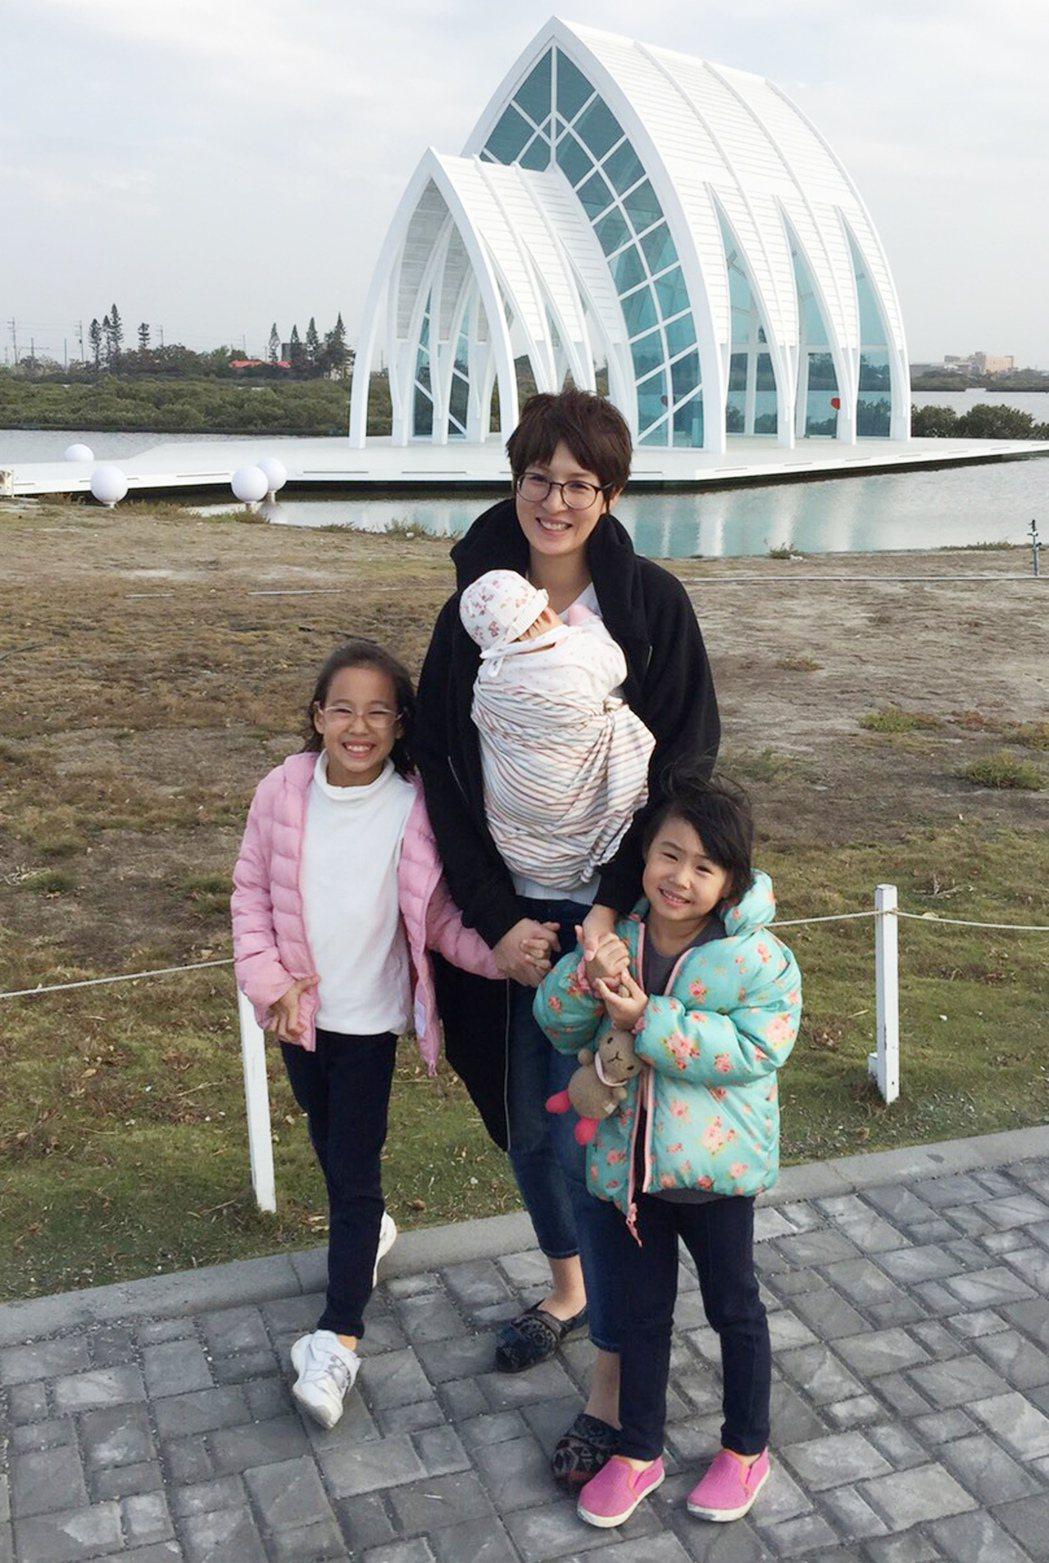 夏嘉璐(中)帶三個女兒一起出遊。圖/TVBS提供